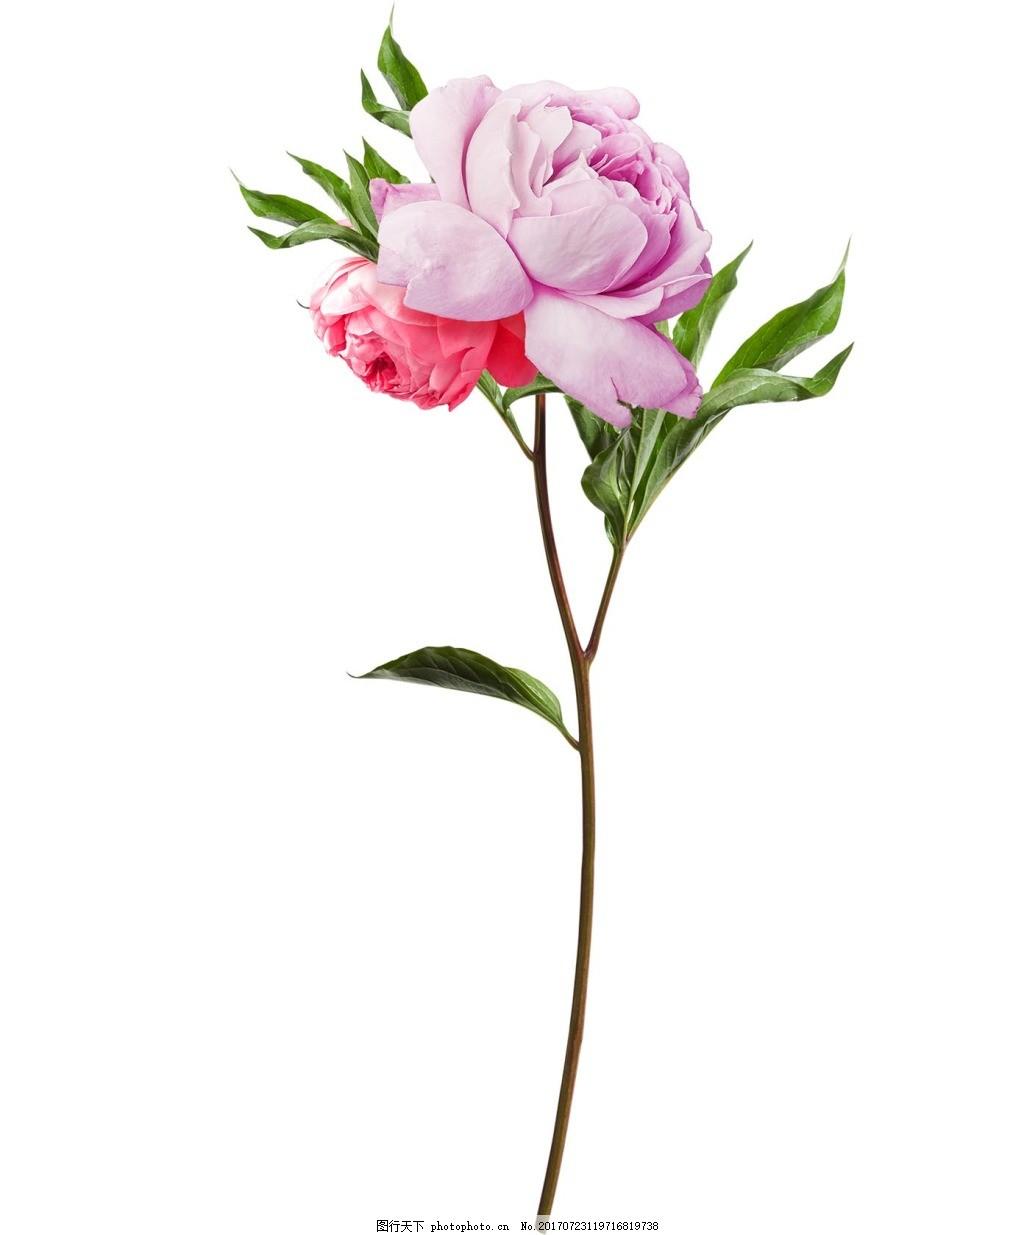 手绘粉色花朵元素 手绘 小清新 水彩 月季 树枝 花朵 png 免抠 素材